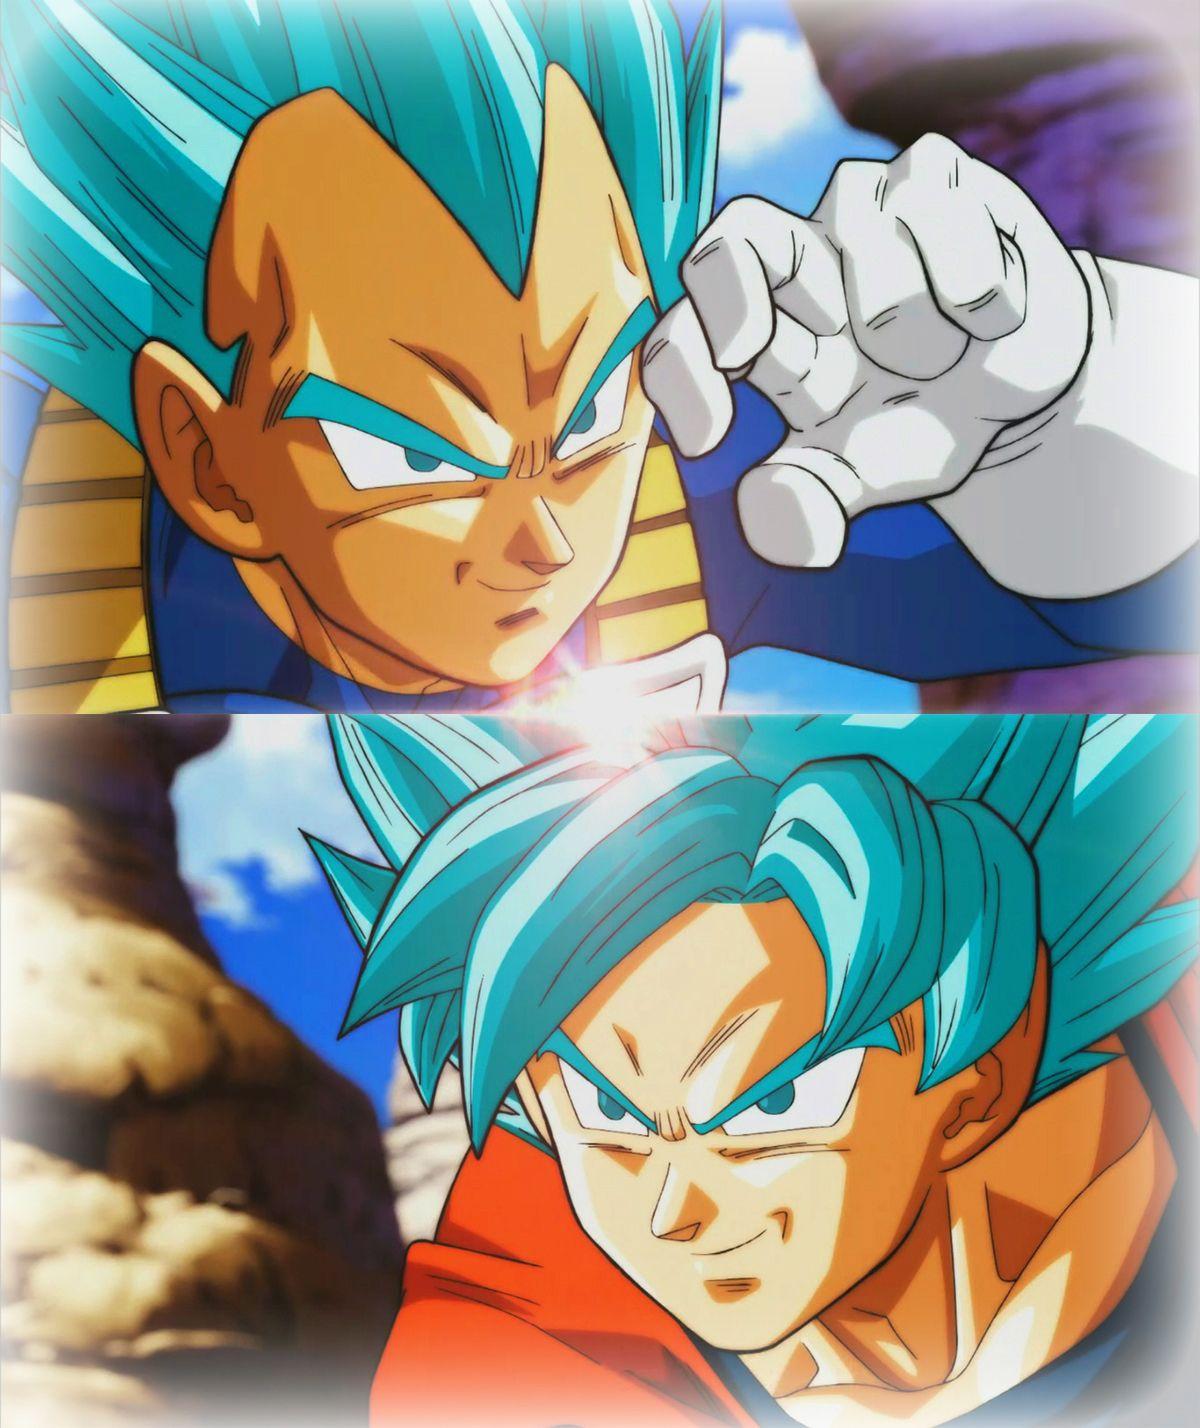 Friend Dragon Ball Z Stuff 3 Dragon Ball Dragon Dragon Ball Z